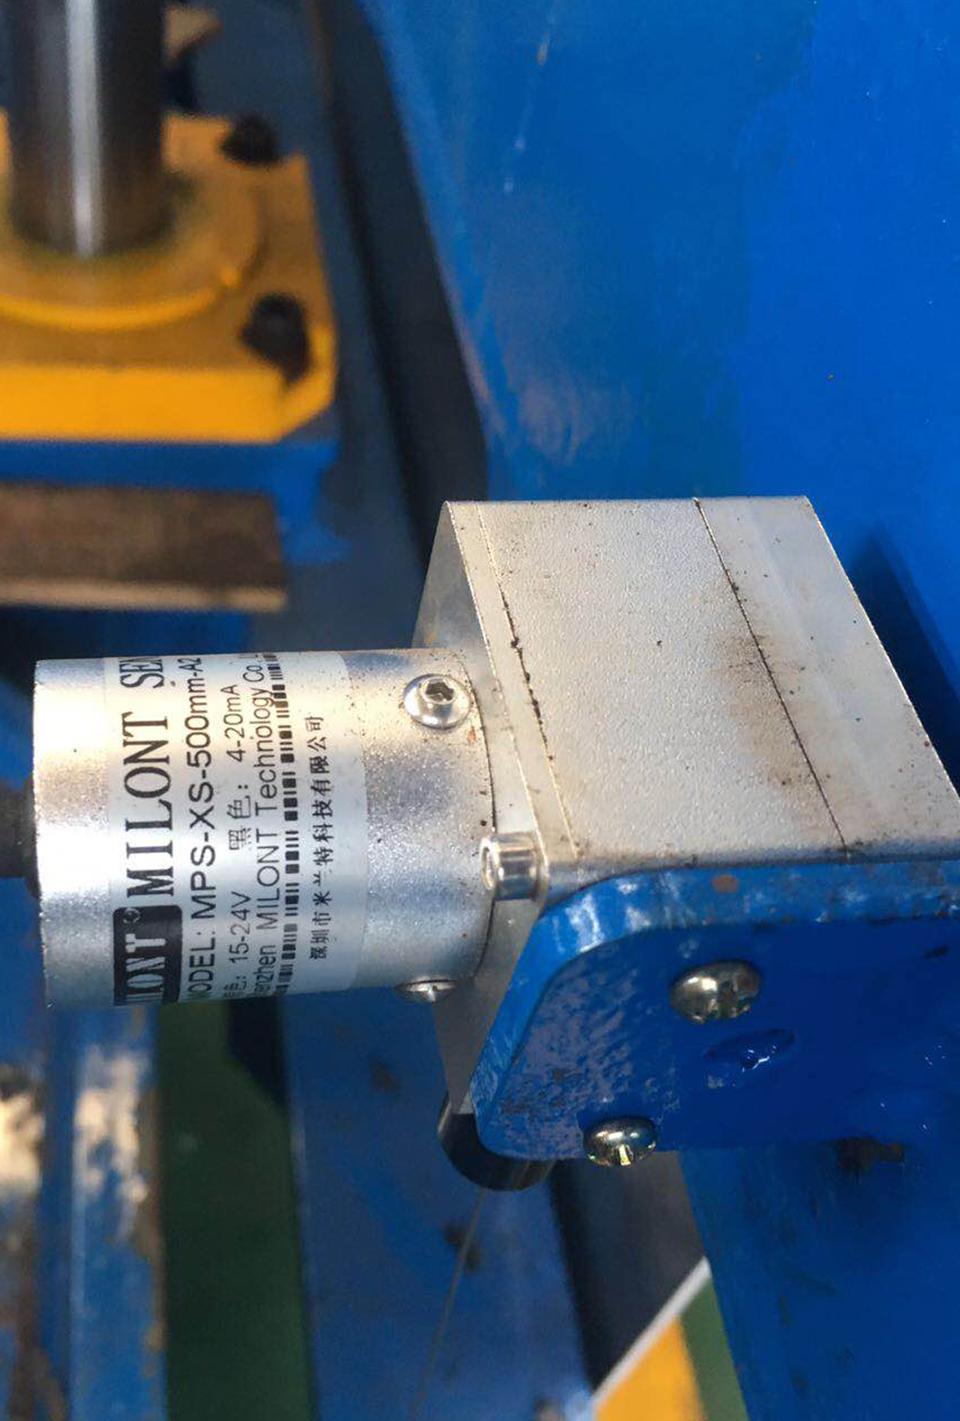 米兰特MPS小型拉绳位移传感器用于机械设备位移测量现场应用案例.jpg